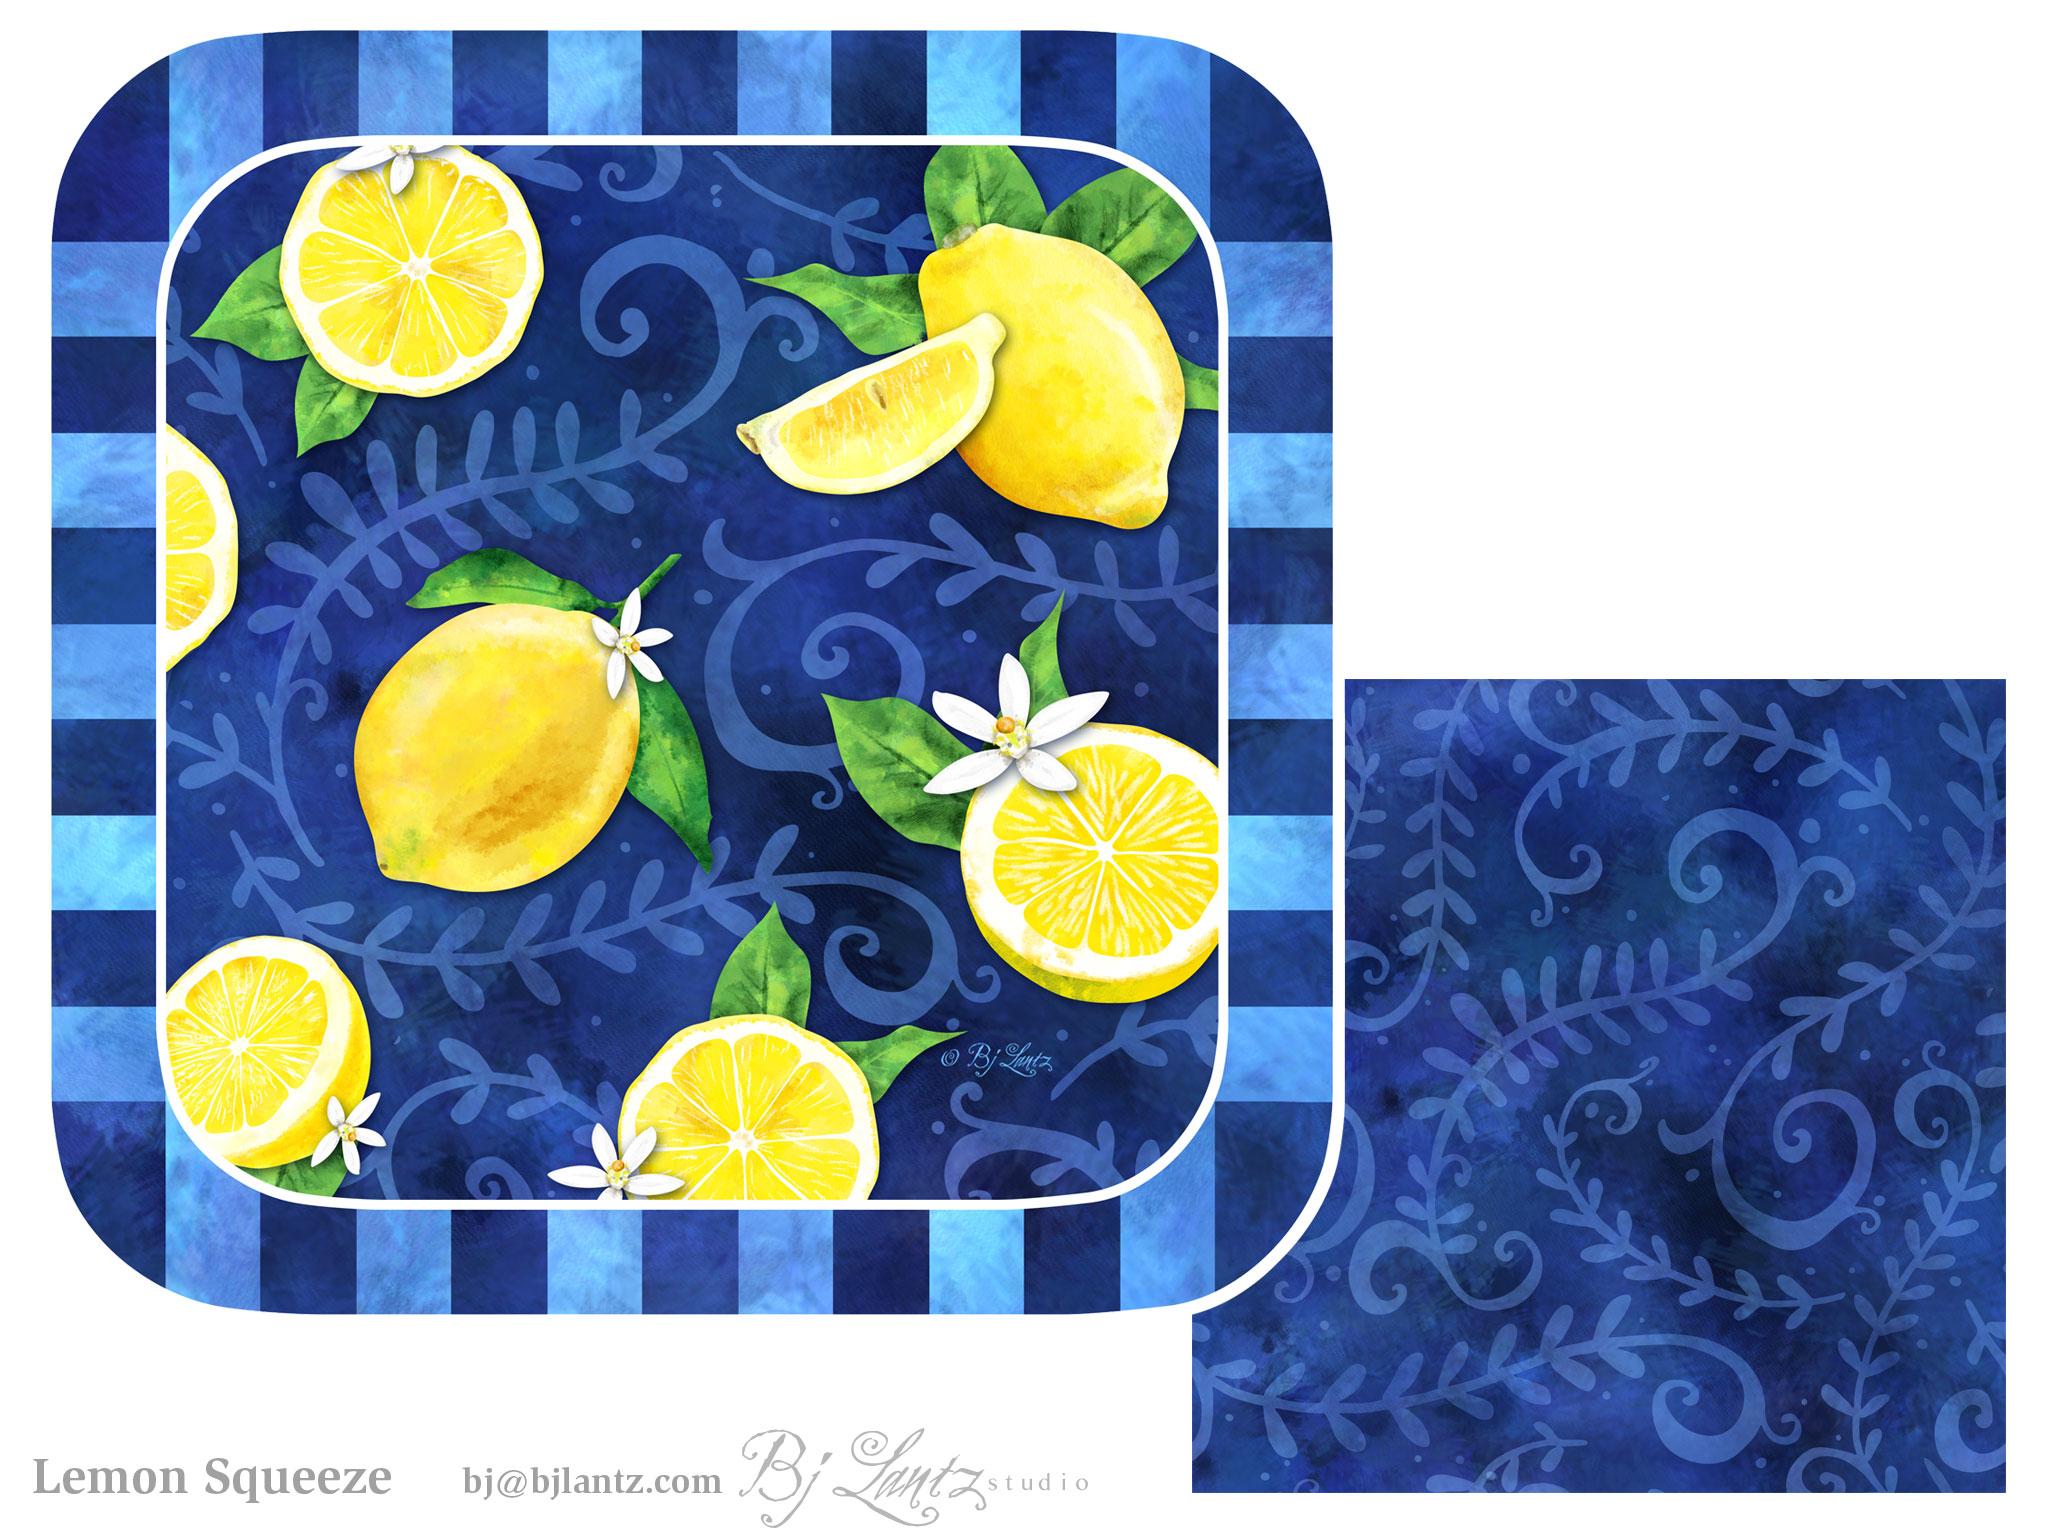 LemondSqueeze_BJLantz_2.jpg